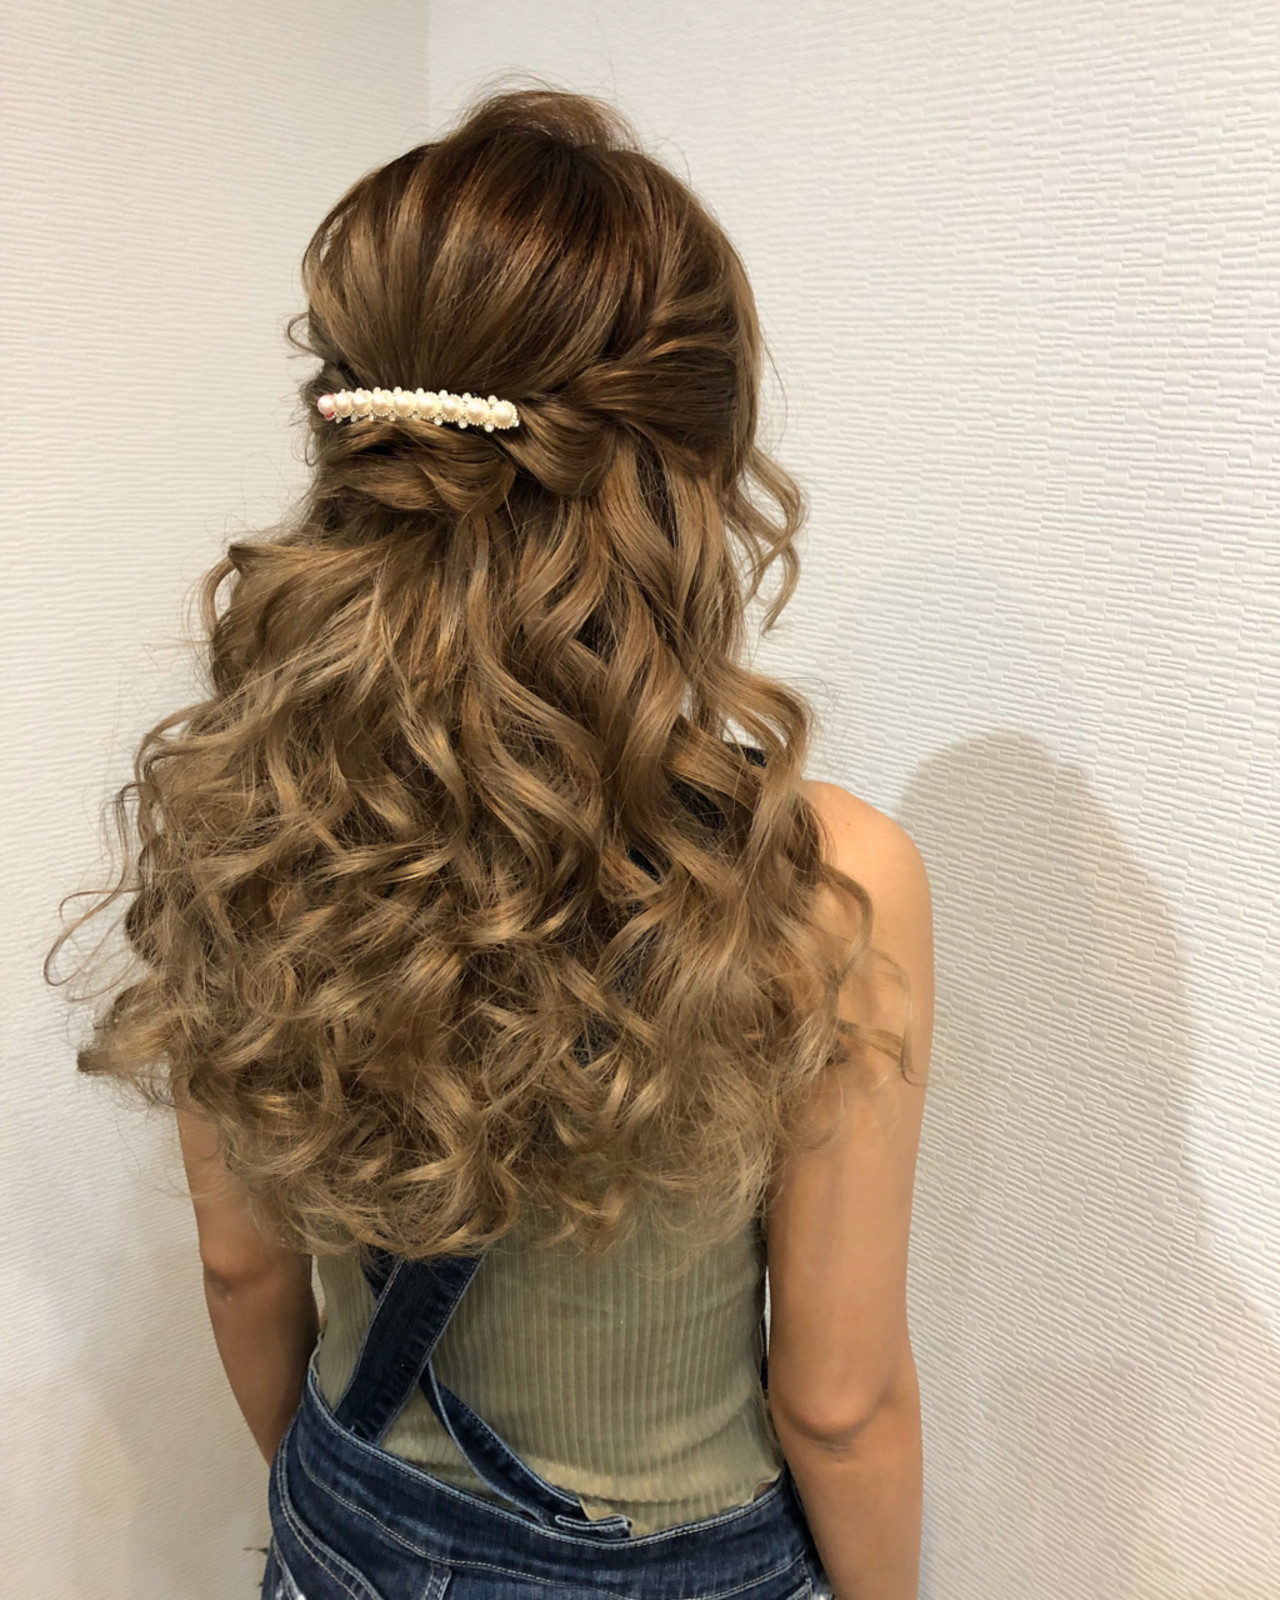 ヘアアレンジ ロング ハーフアップ フェミニン ヘアスタイルや髪型の写真・画像